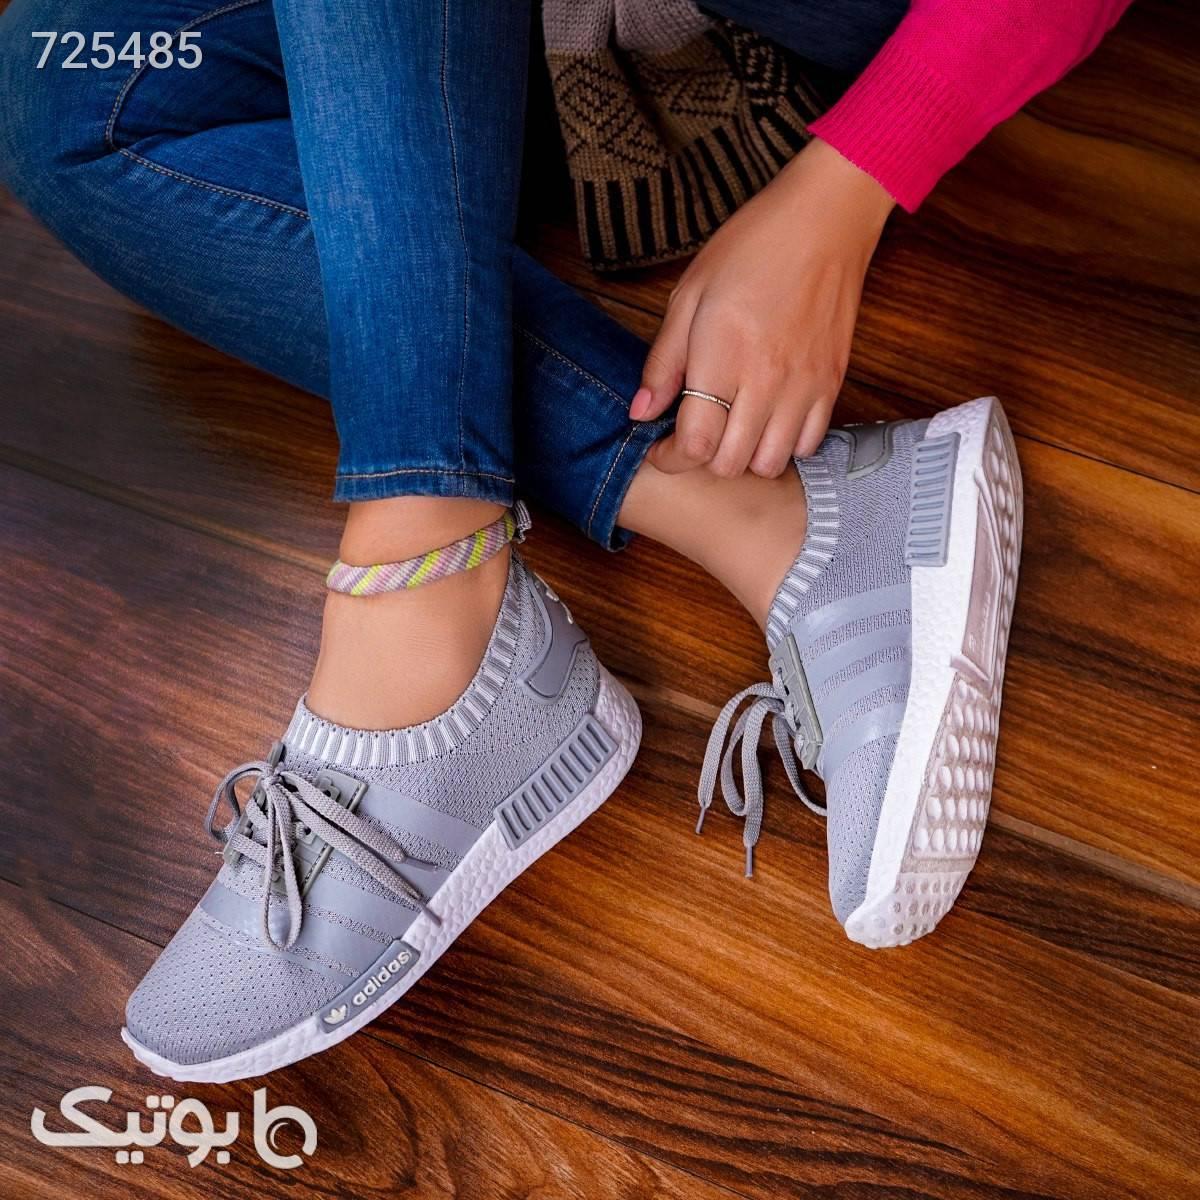 كفش ورزشي طوسي adidas زنانه مدل Anika نقره ای كتانی زنانه